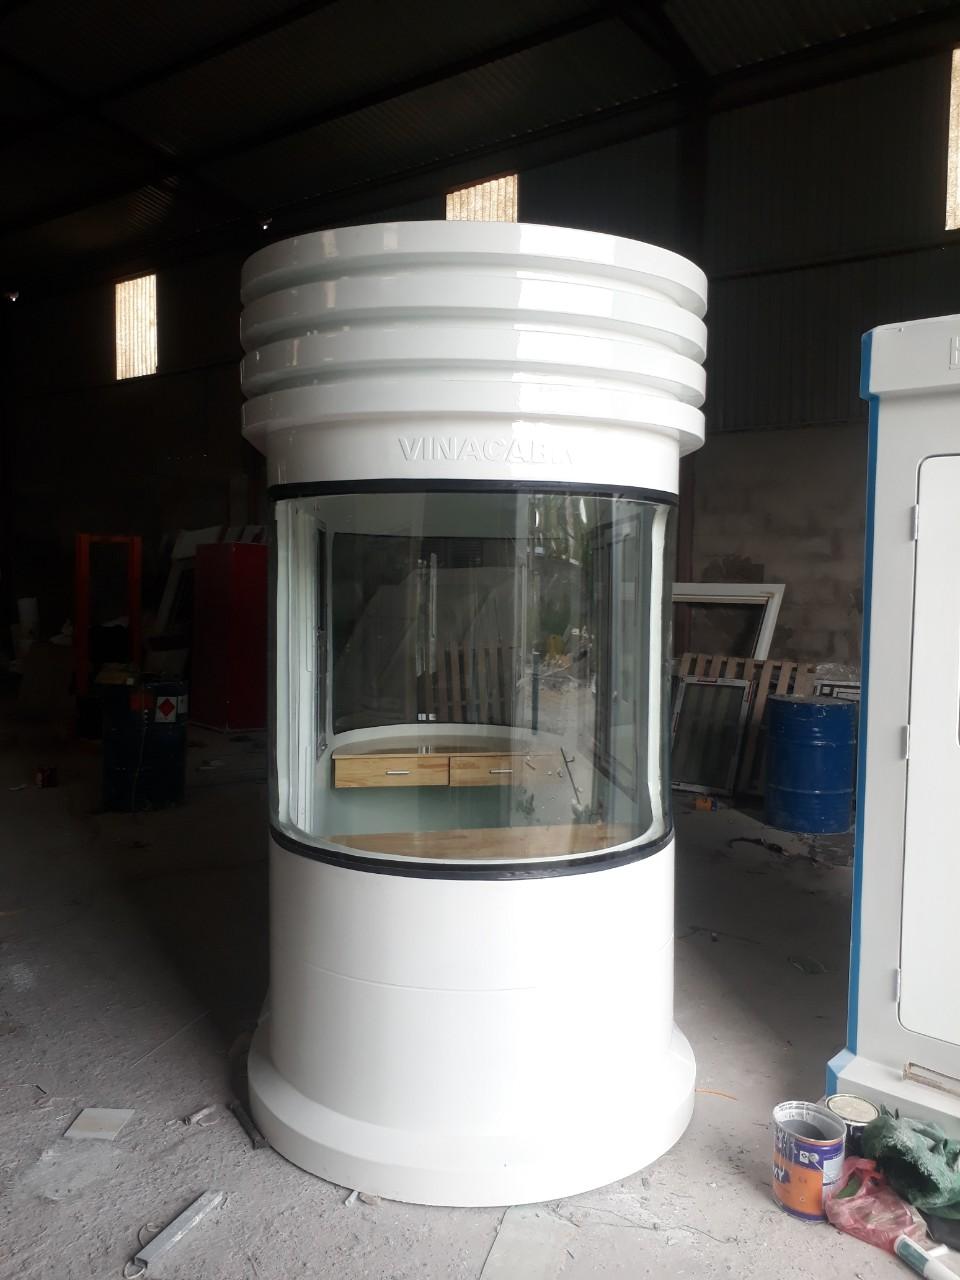 Cabin bảo vệ VINACABIN VR1300